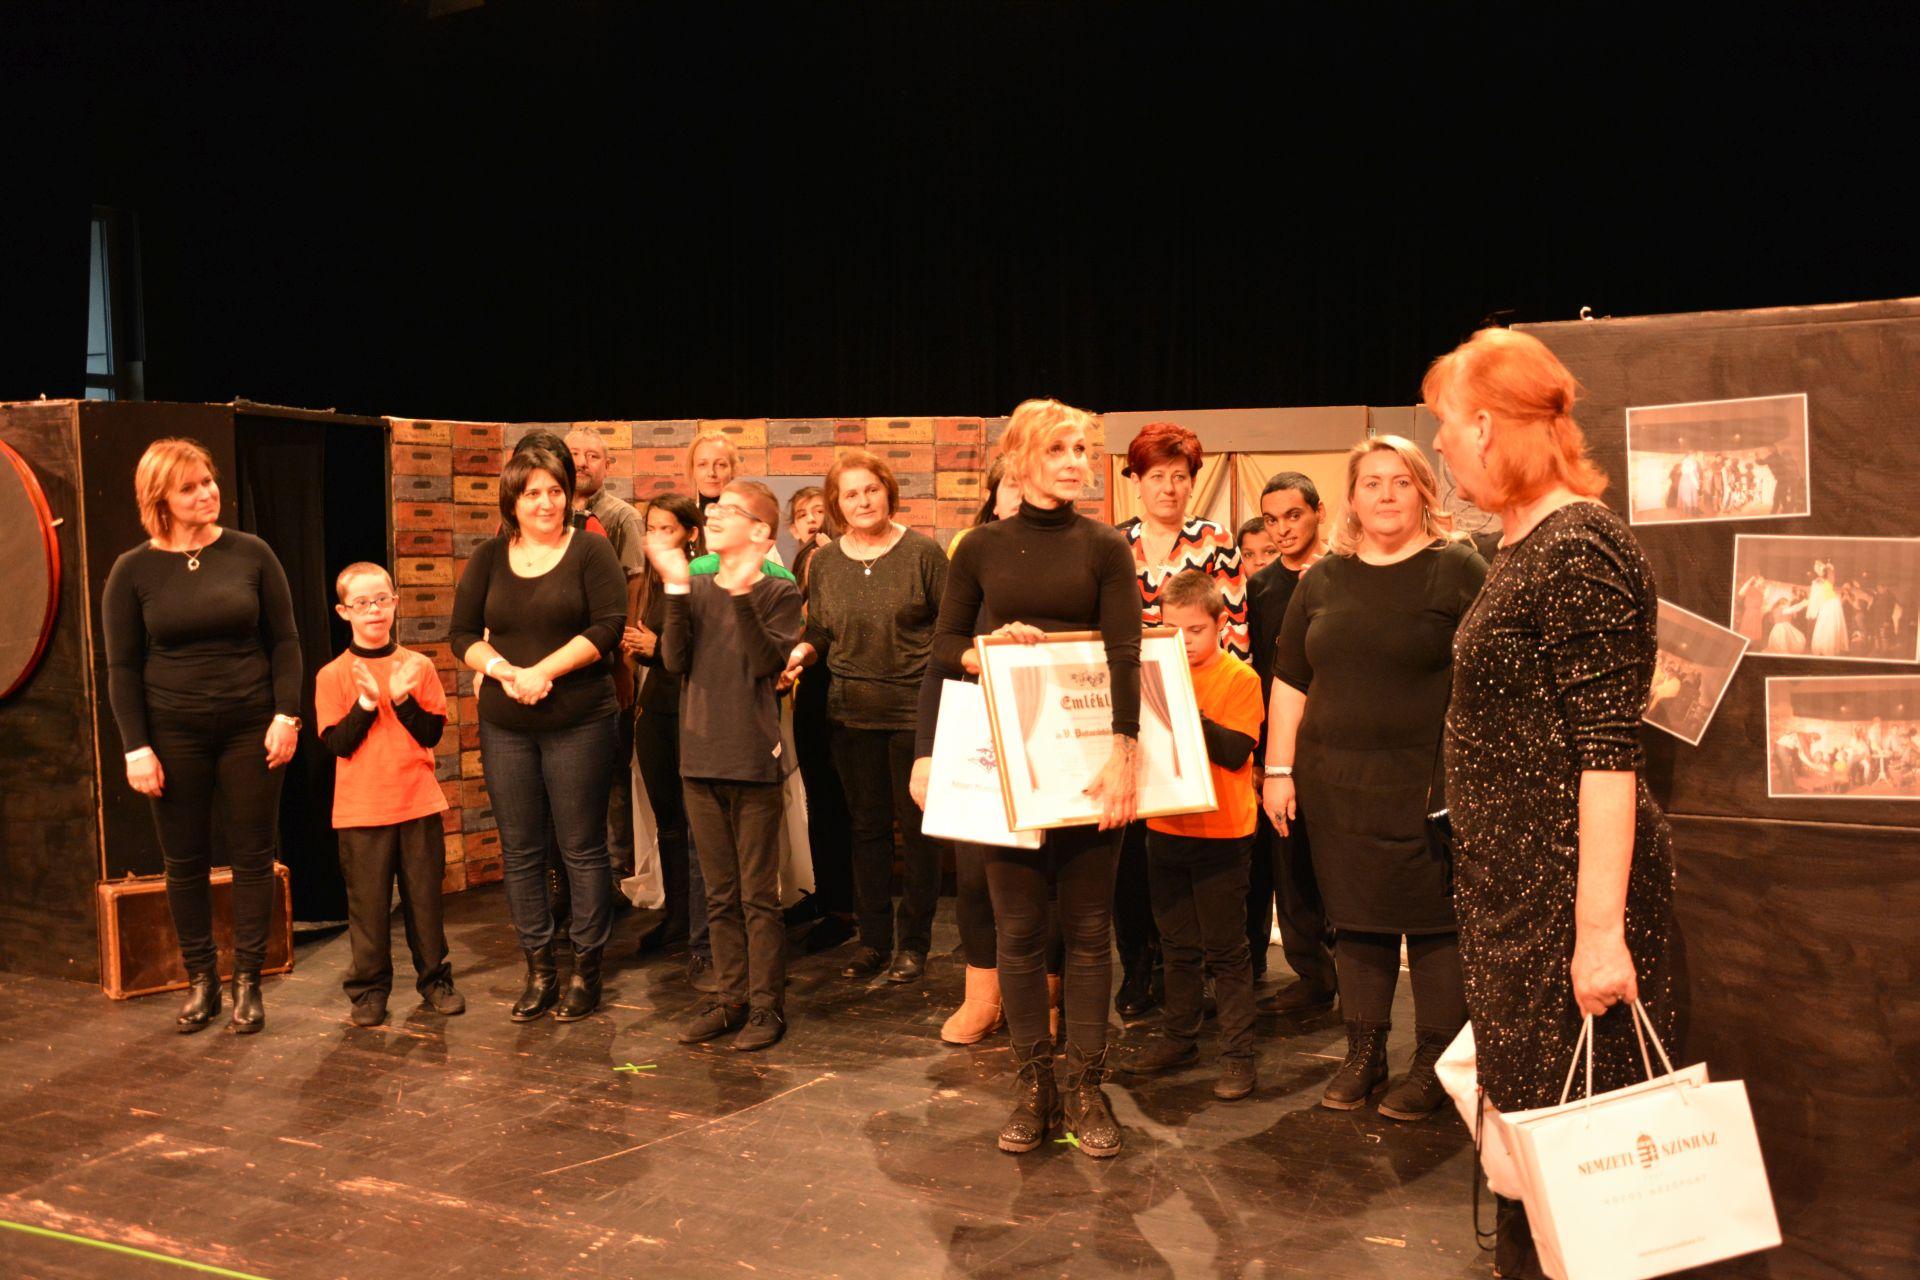 Dobozszínház Életjáték – mozgásszínház (Girincs, Borsod-Abaúj-Zemplén megye)